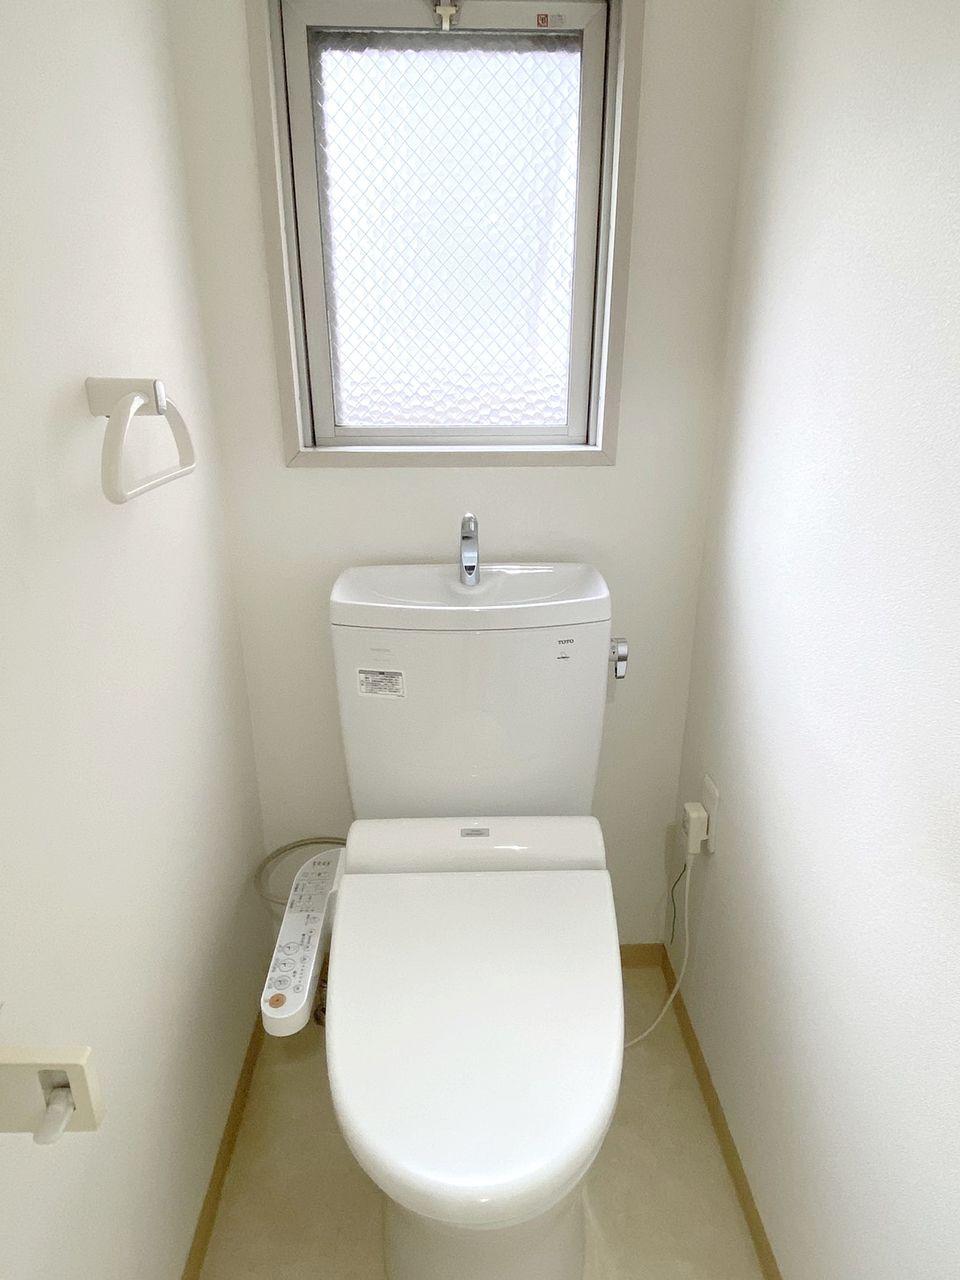 アゼリア青新ビル505号室のトイレはウォシュレット設置済です。窓があるので匂いがこもらず快適です